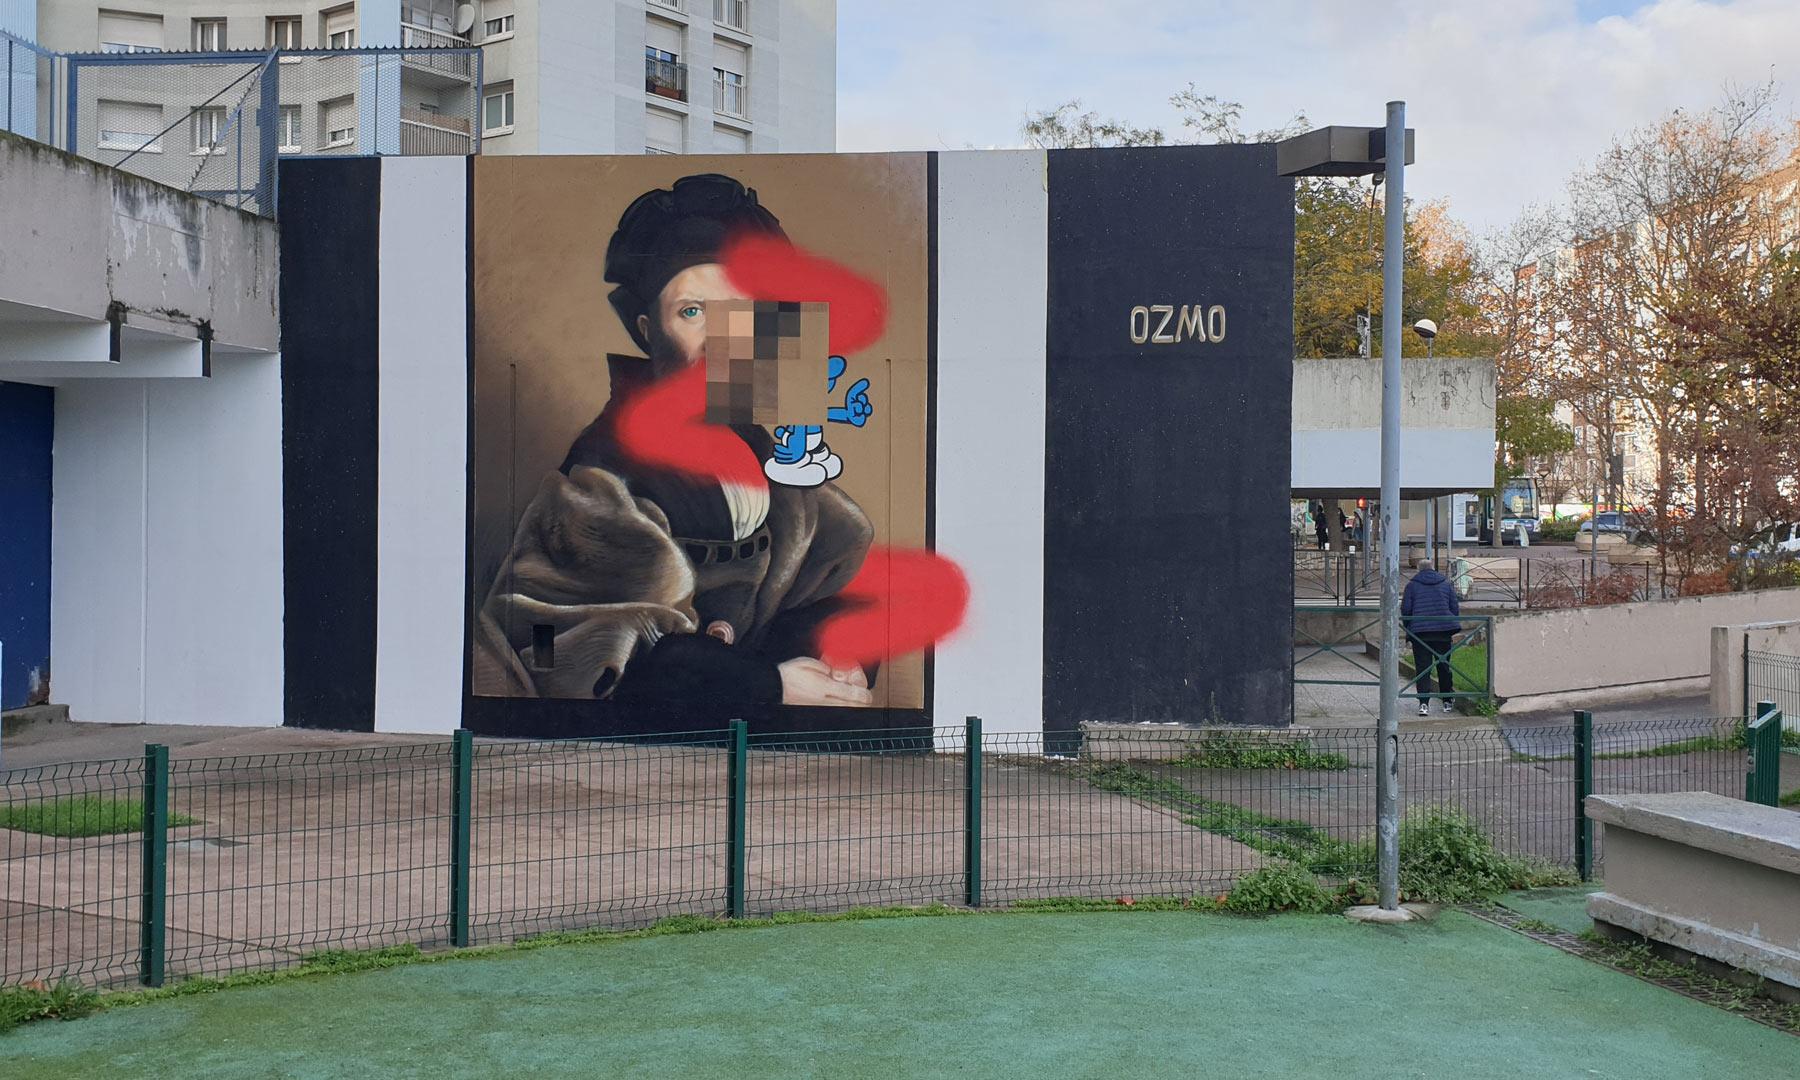 """Il """"Cortegiano"""" rivisitato in chiave street art: l'omaggio di Ozmo a Raffaello"""